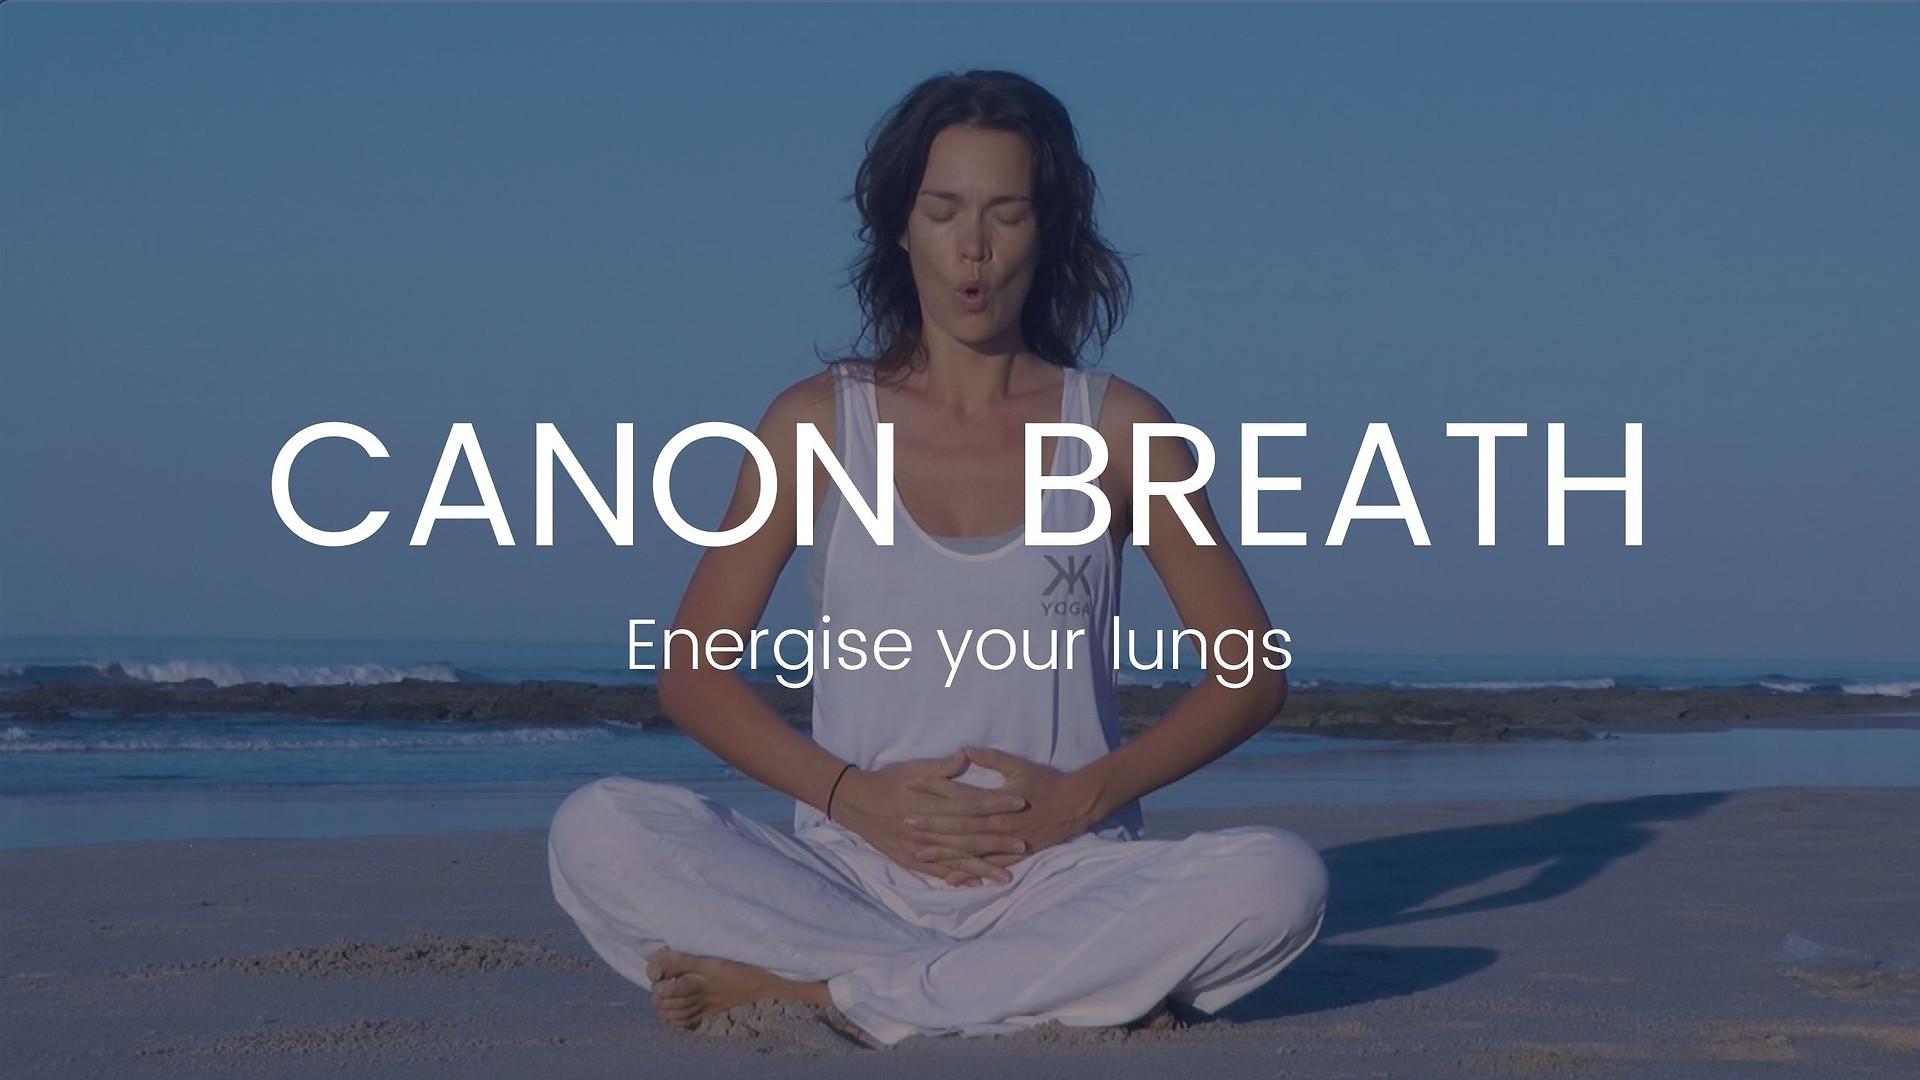 CANON BREATH